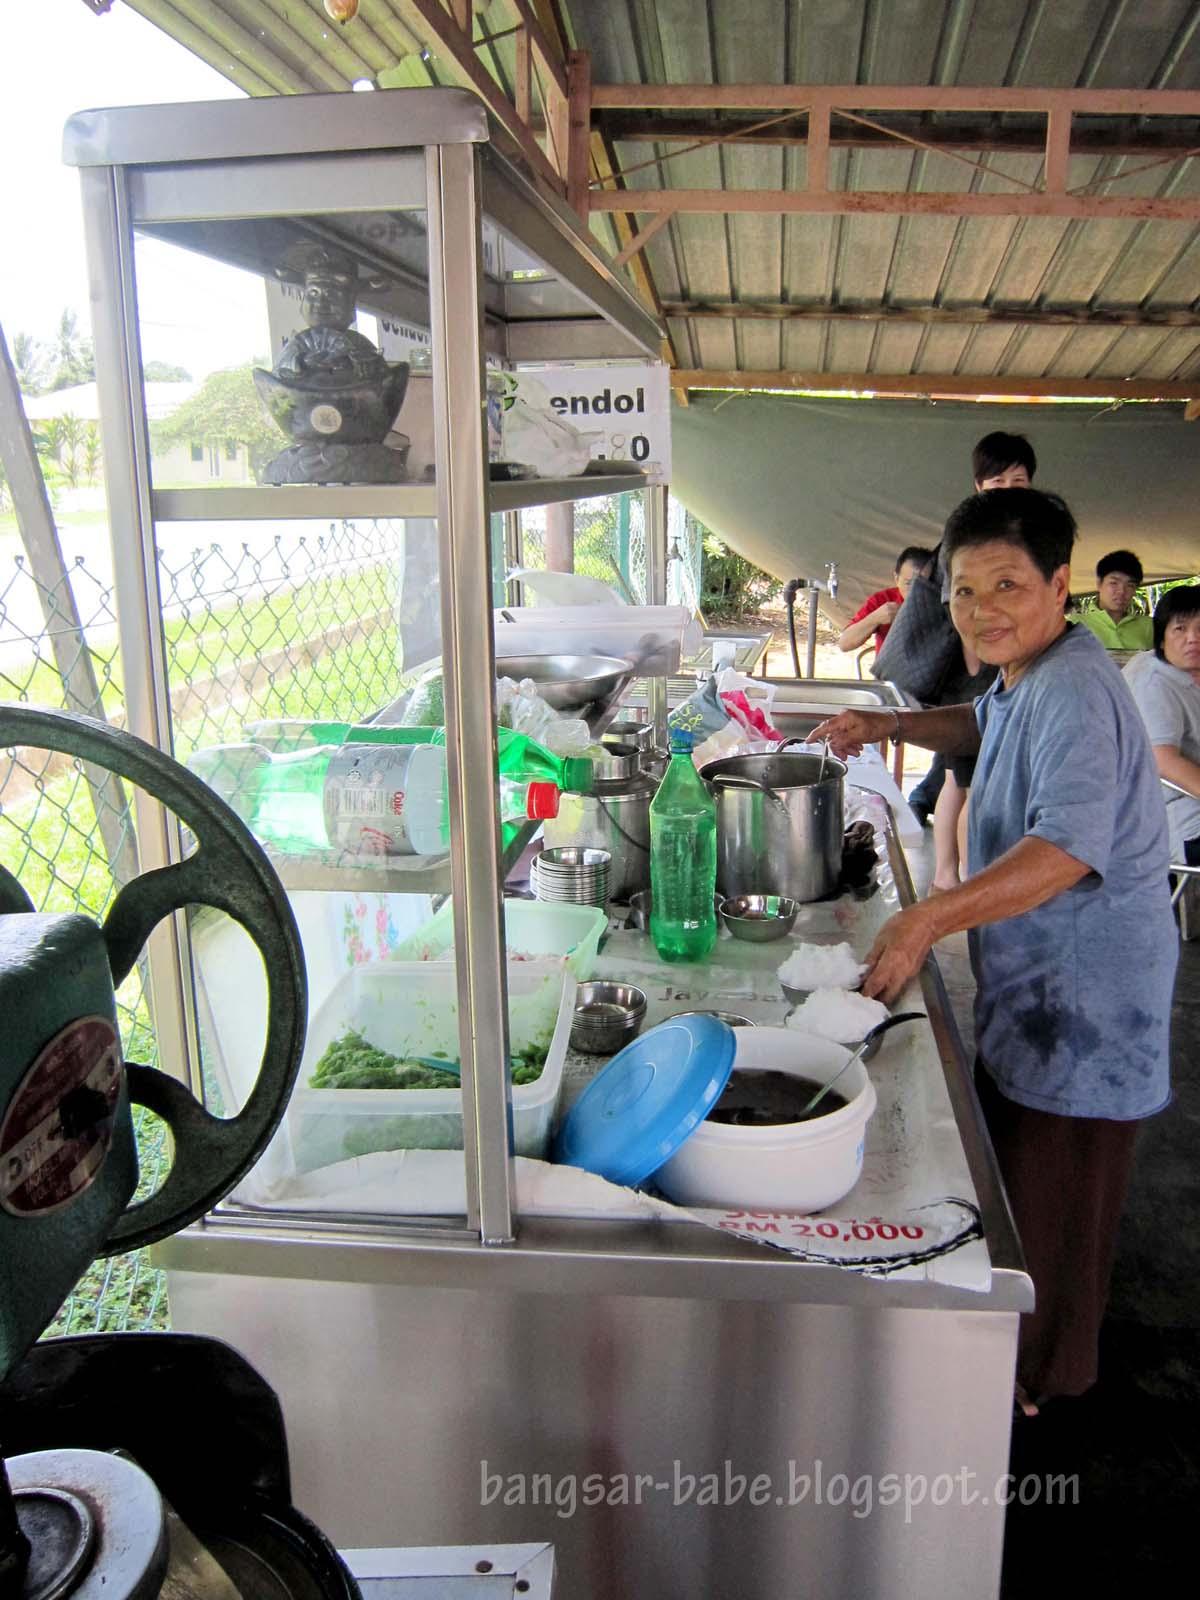 Photo taken from bangsarbabe.com